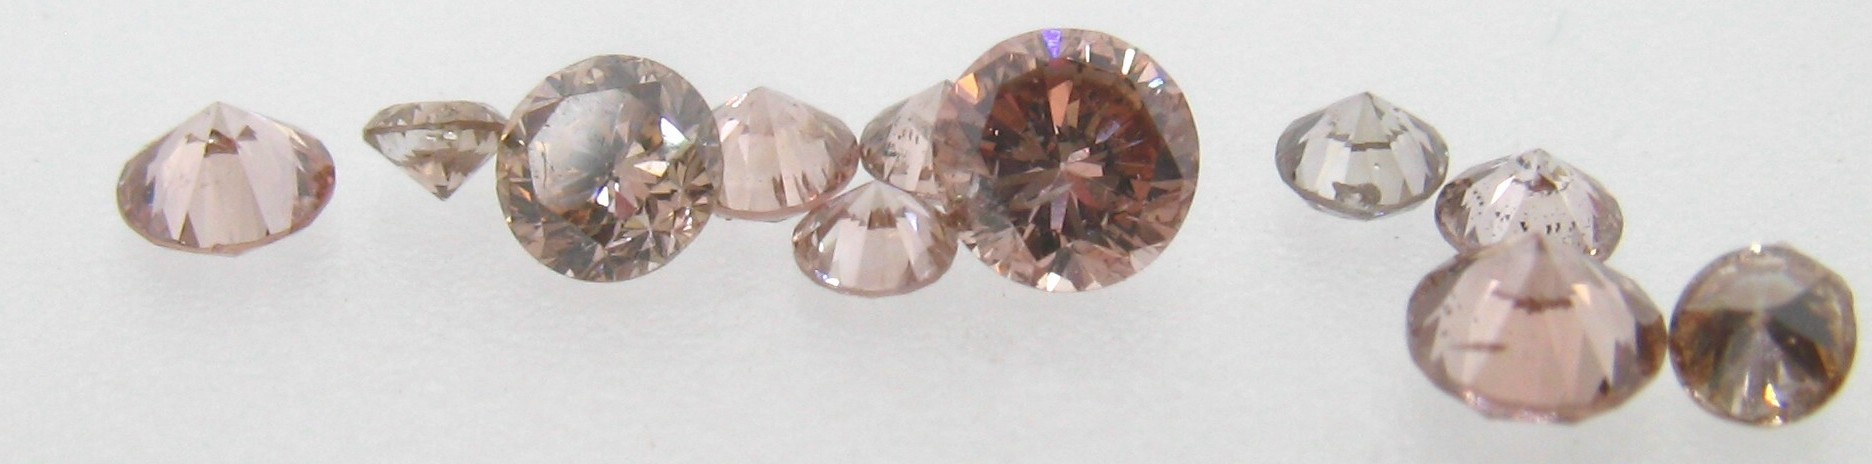 Diamantes de color tratados